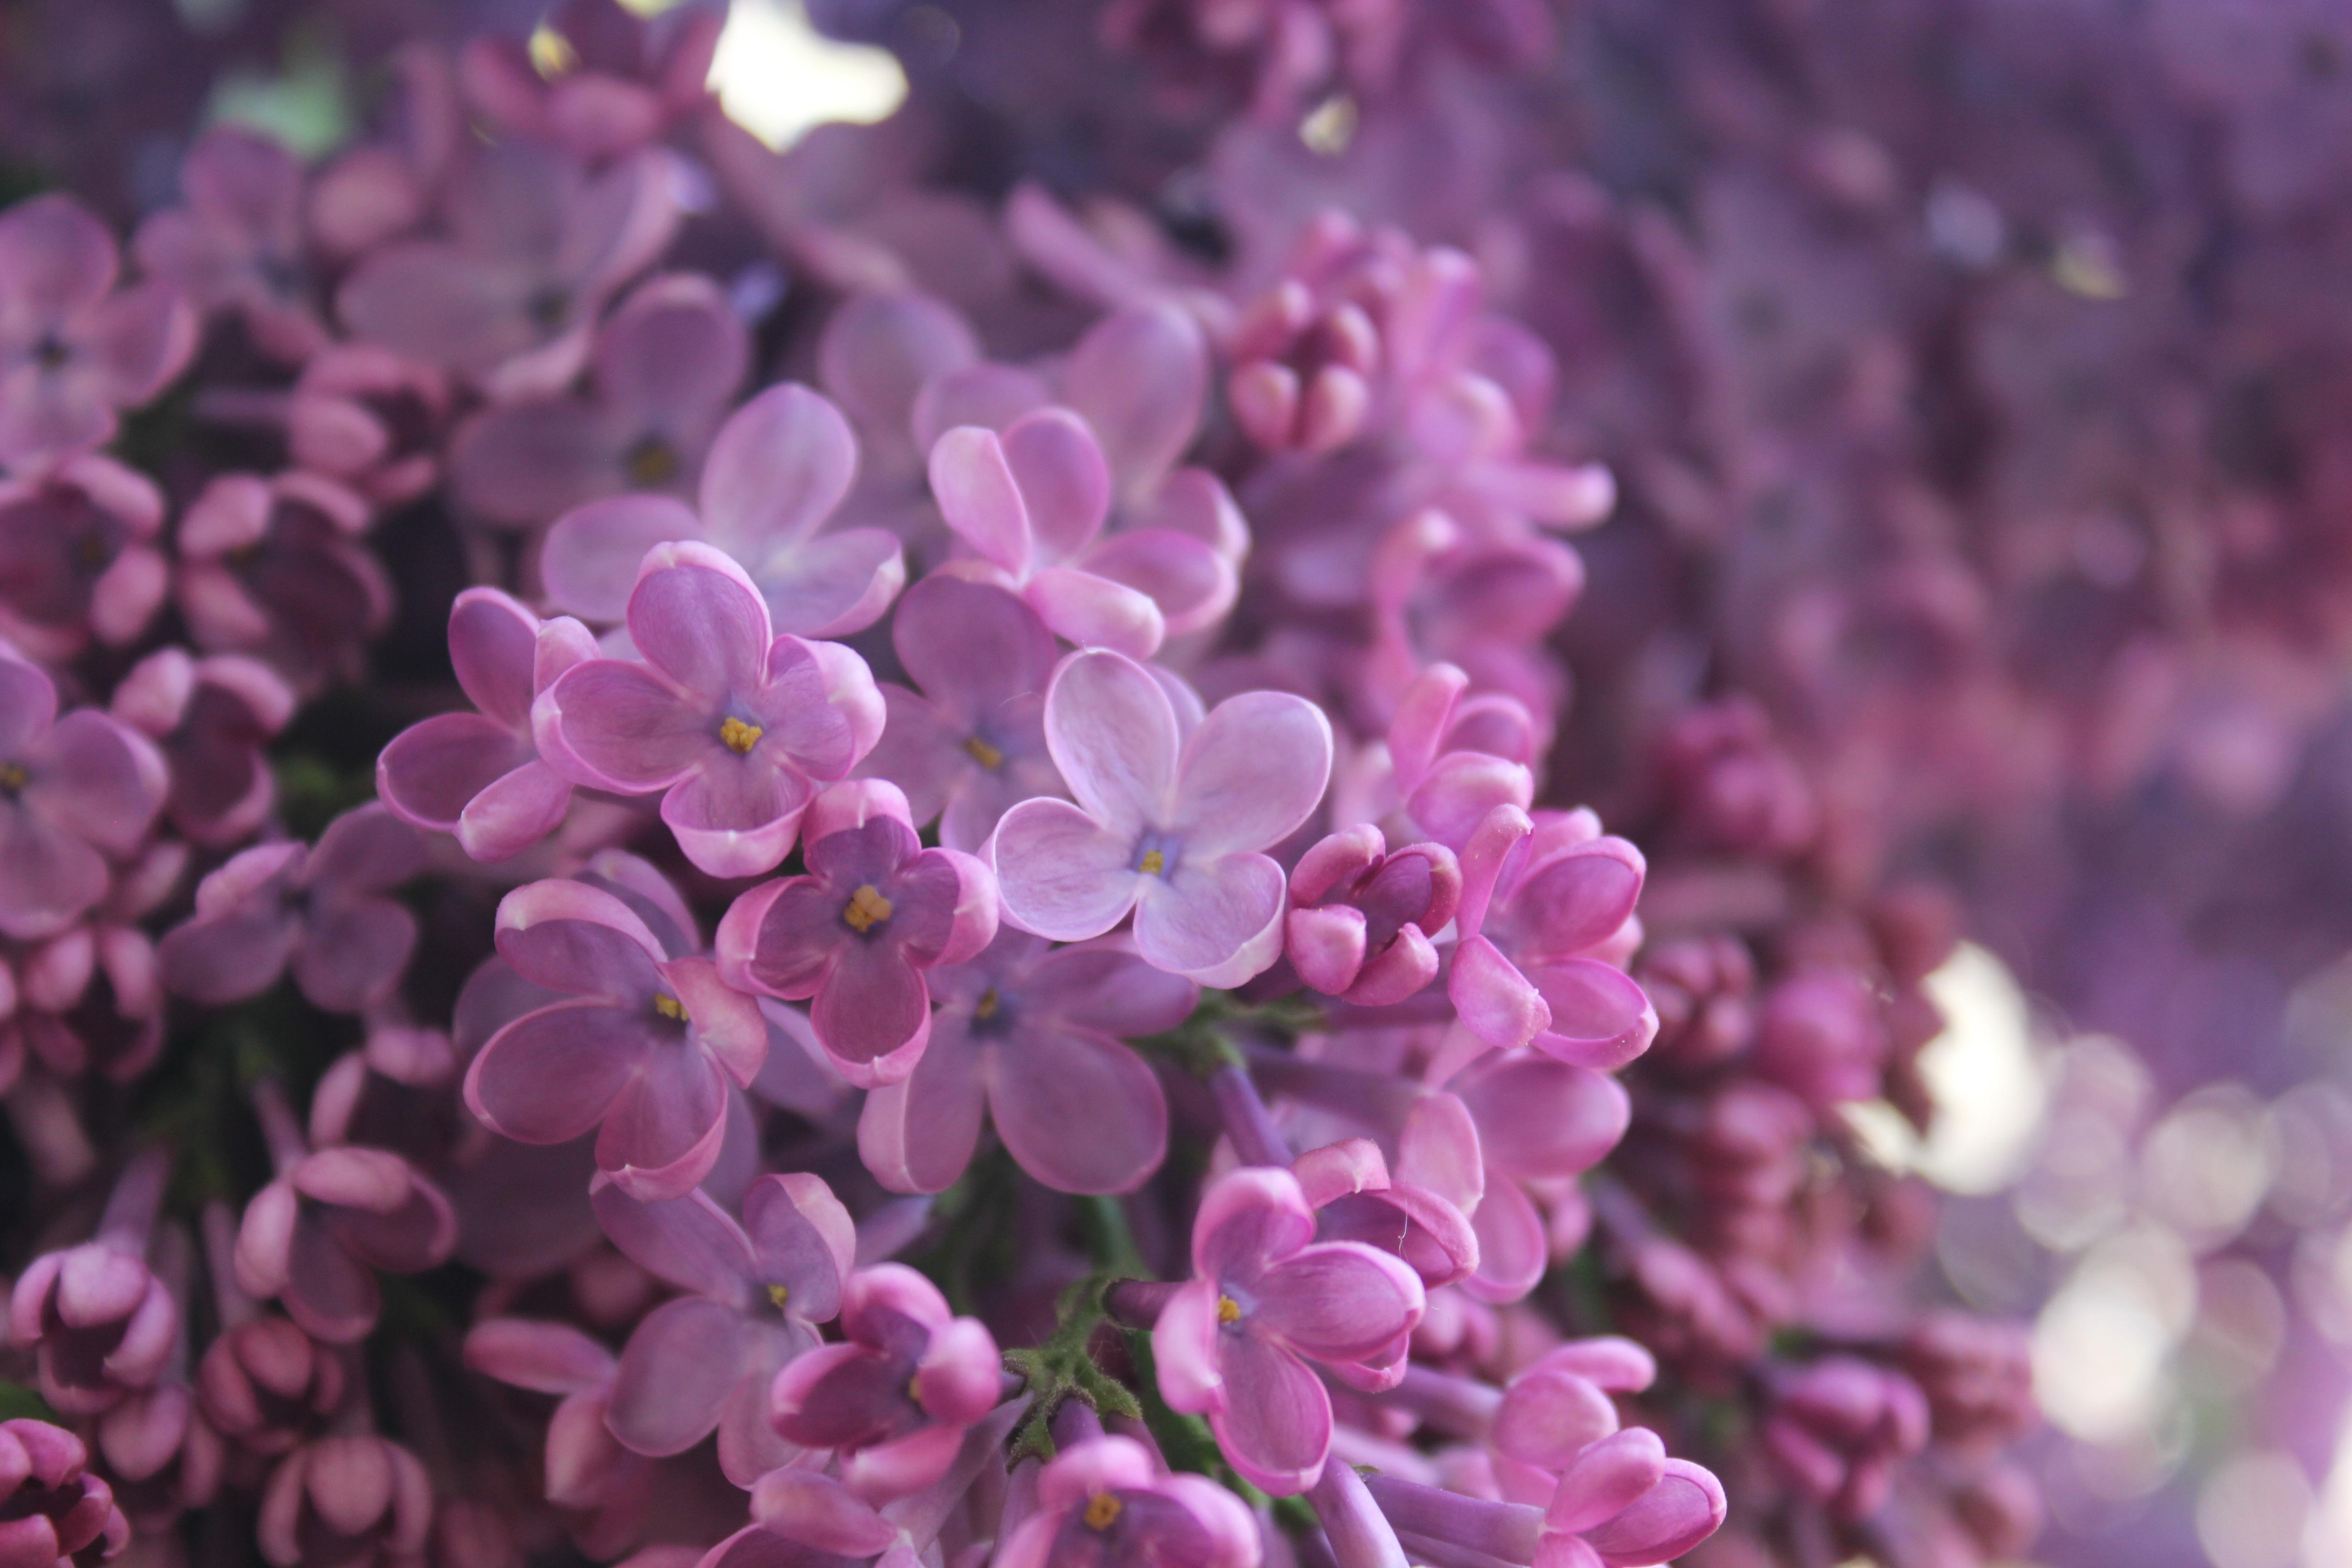 Free Images Nature Blossom Flower Petal Botany Pink Flora